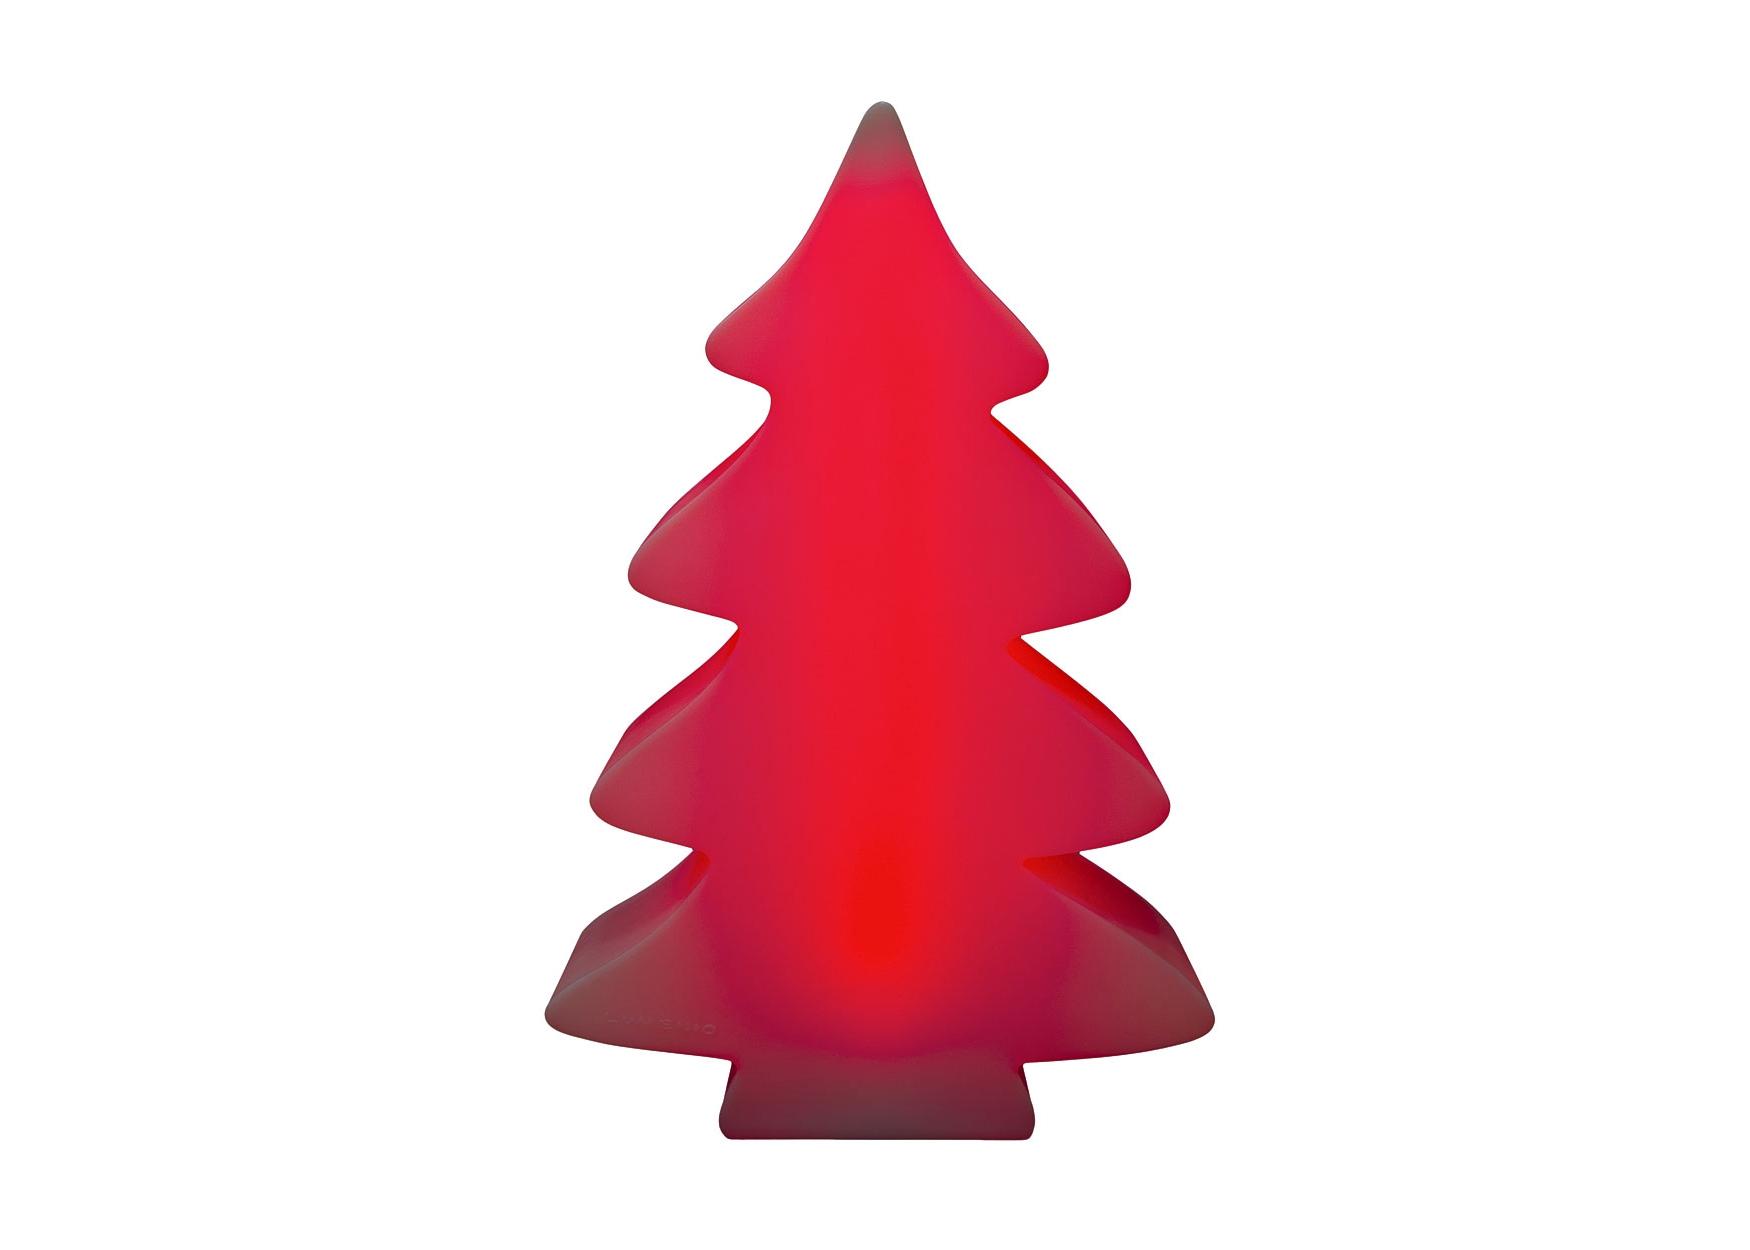 Ель светящаясяДругое<br>Материалы: пластик, светодиодная подсветка. В комплекте пульт д\у, с помощью которого меняются цвета подсветки.<br><br>Material: Пластик<br>Ширина см: 74<br>Высота см: 115<br>Глубина см: 19